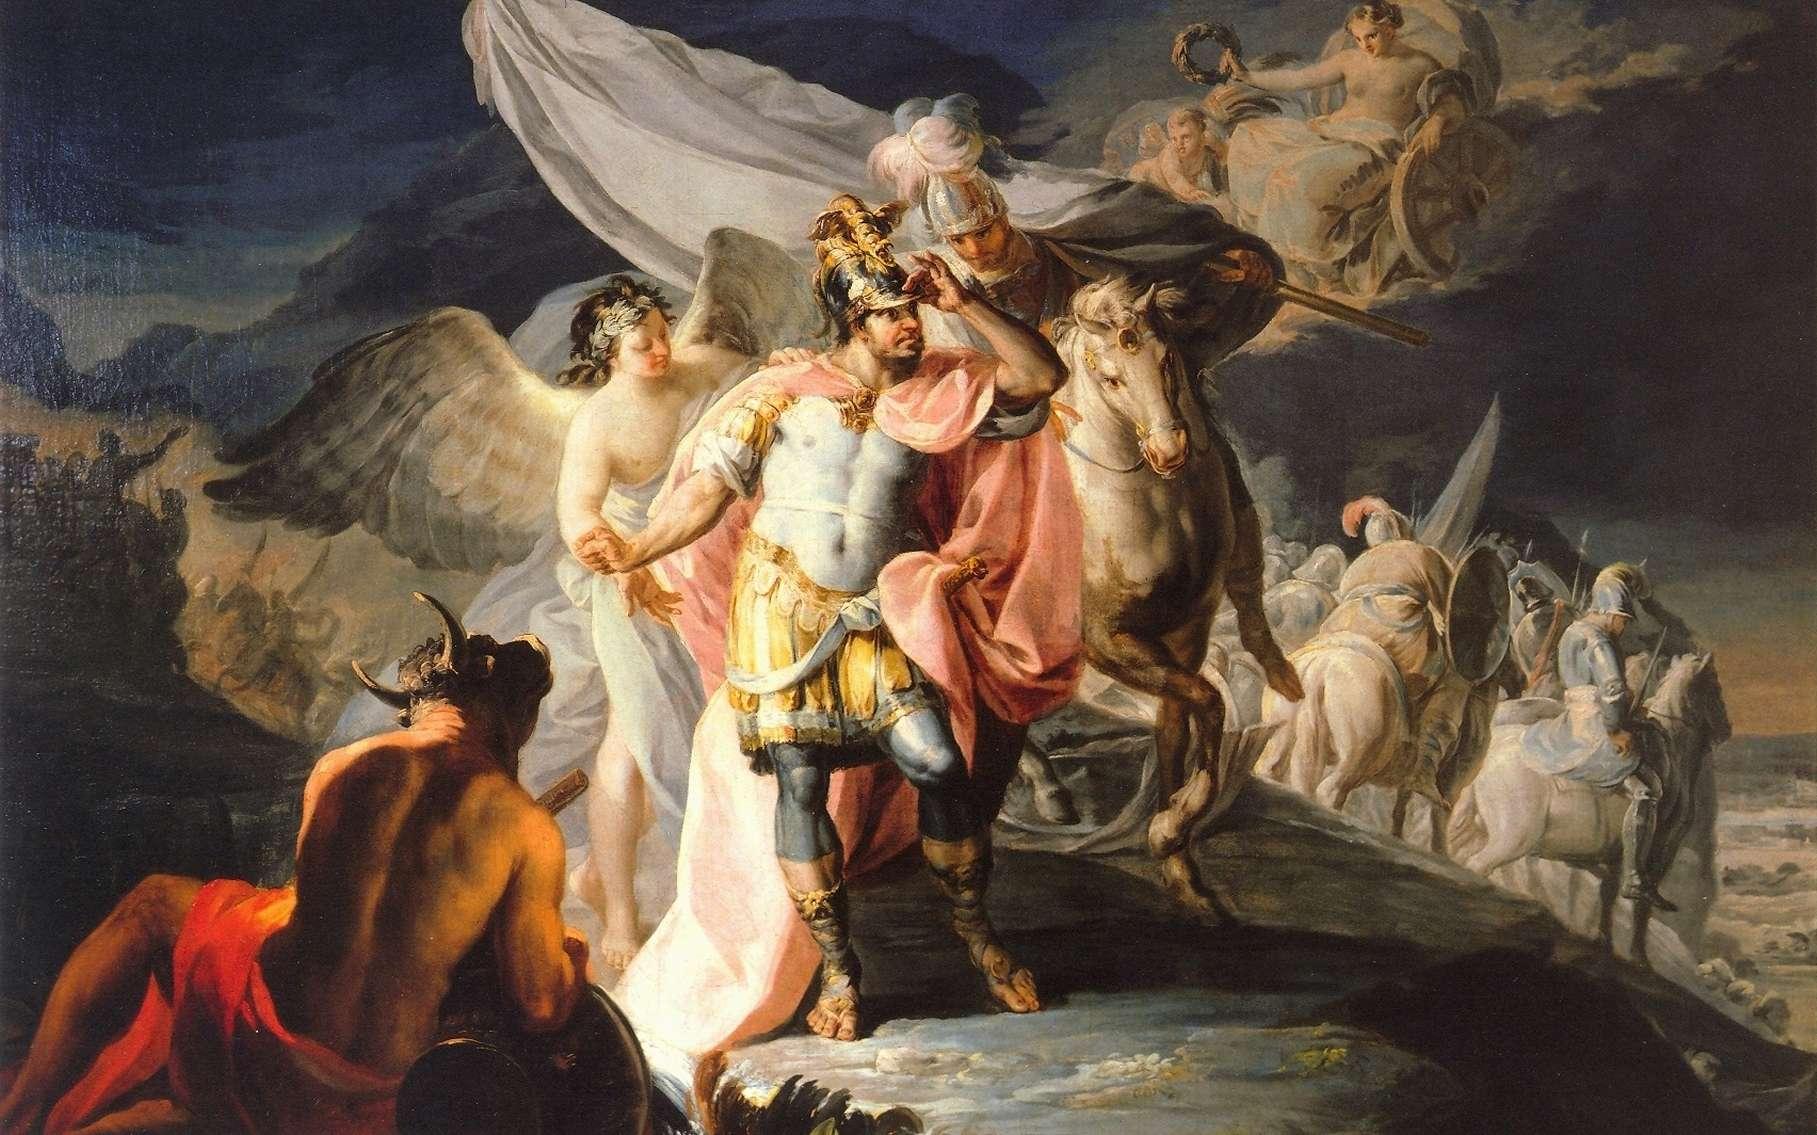 Hannibal vainqueur contemple pour la première fois l'Italie depuis les Alpes, un tableau peint par Francisco de Goya en 1771. Cette épopée d'une armée carthaginoise en guerre contre Rome est devenue mythique. © DP